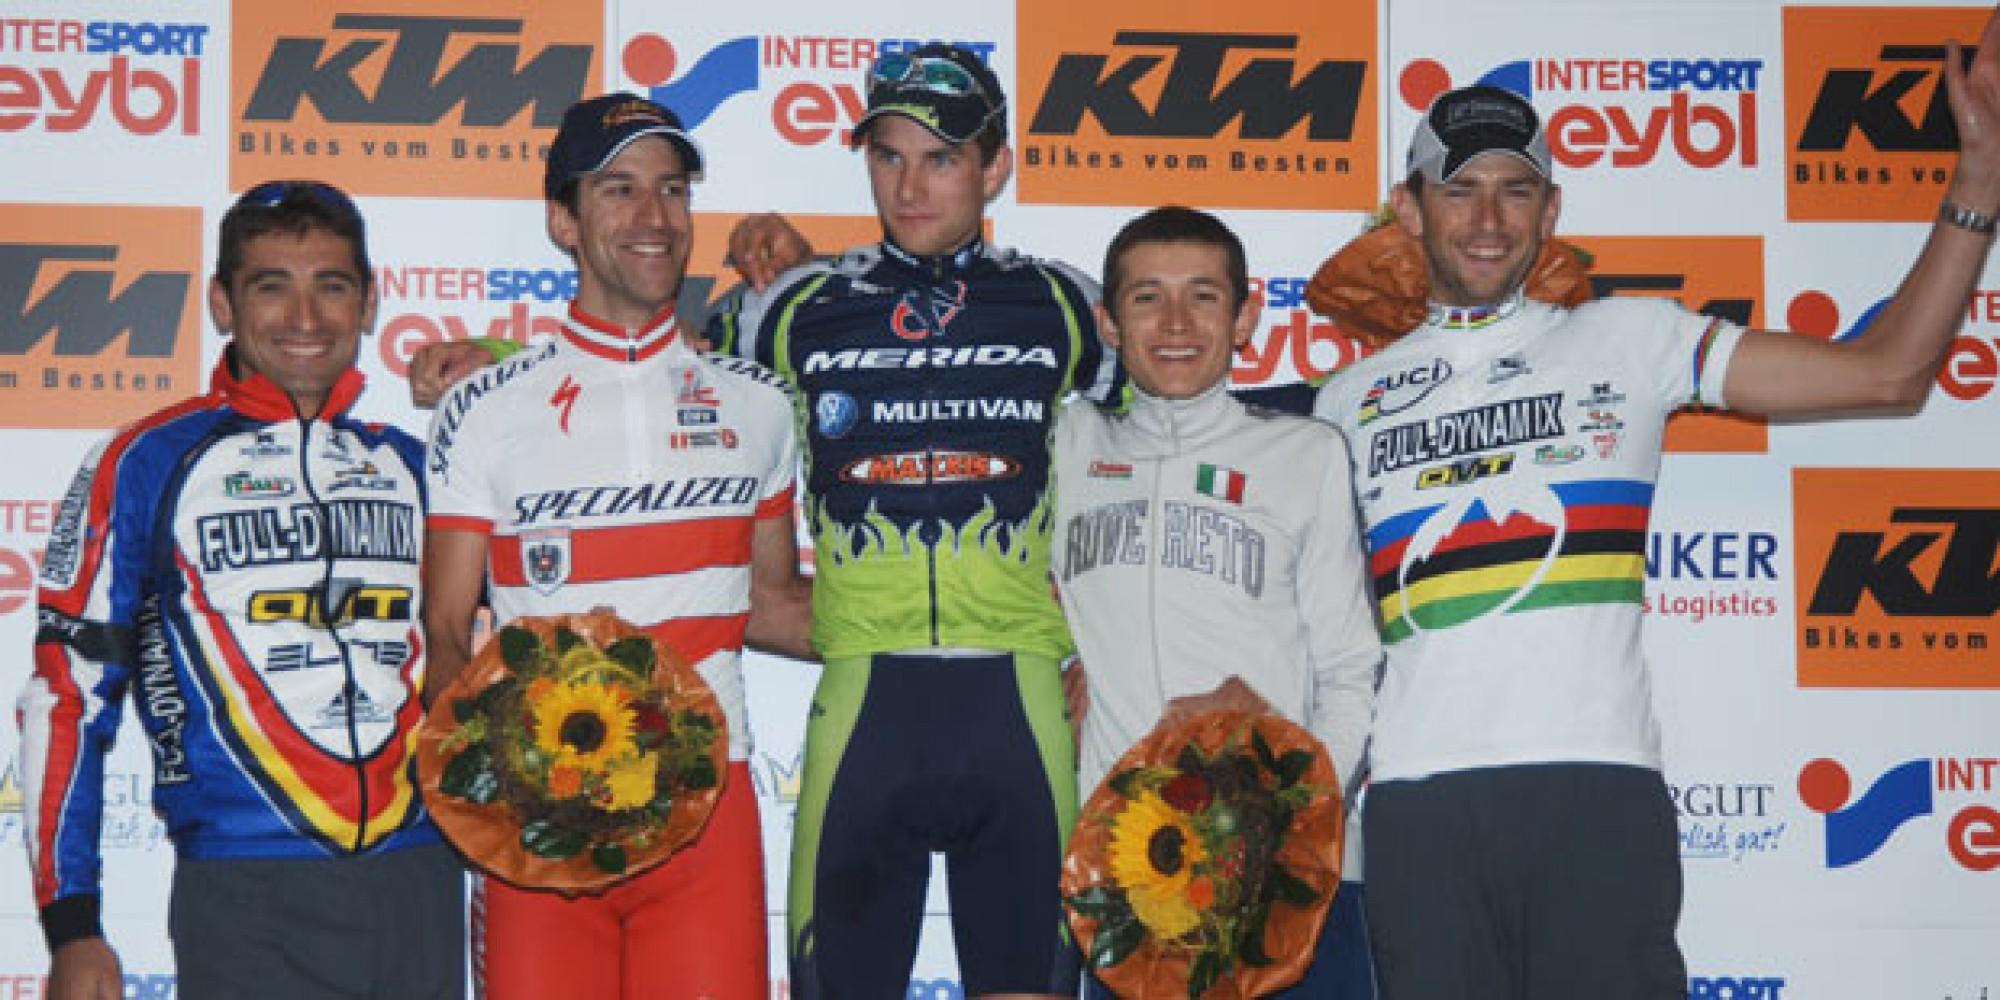 Mauro Bettin (ITA), Alban Lakata (AUT), Moritz Milatz (GER), Leonardo Paez (COL), Massimo de Bertolis (ITA) - 2005 UCI Mountain Bike Marathon World Cup - (Foto: Armin Küstenbrück - Salzkammergut Trophy)